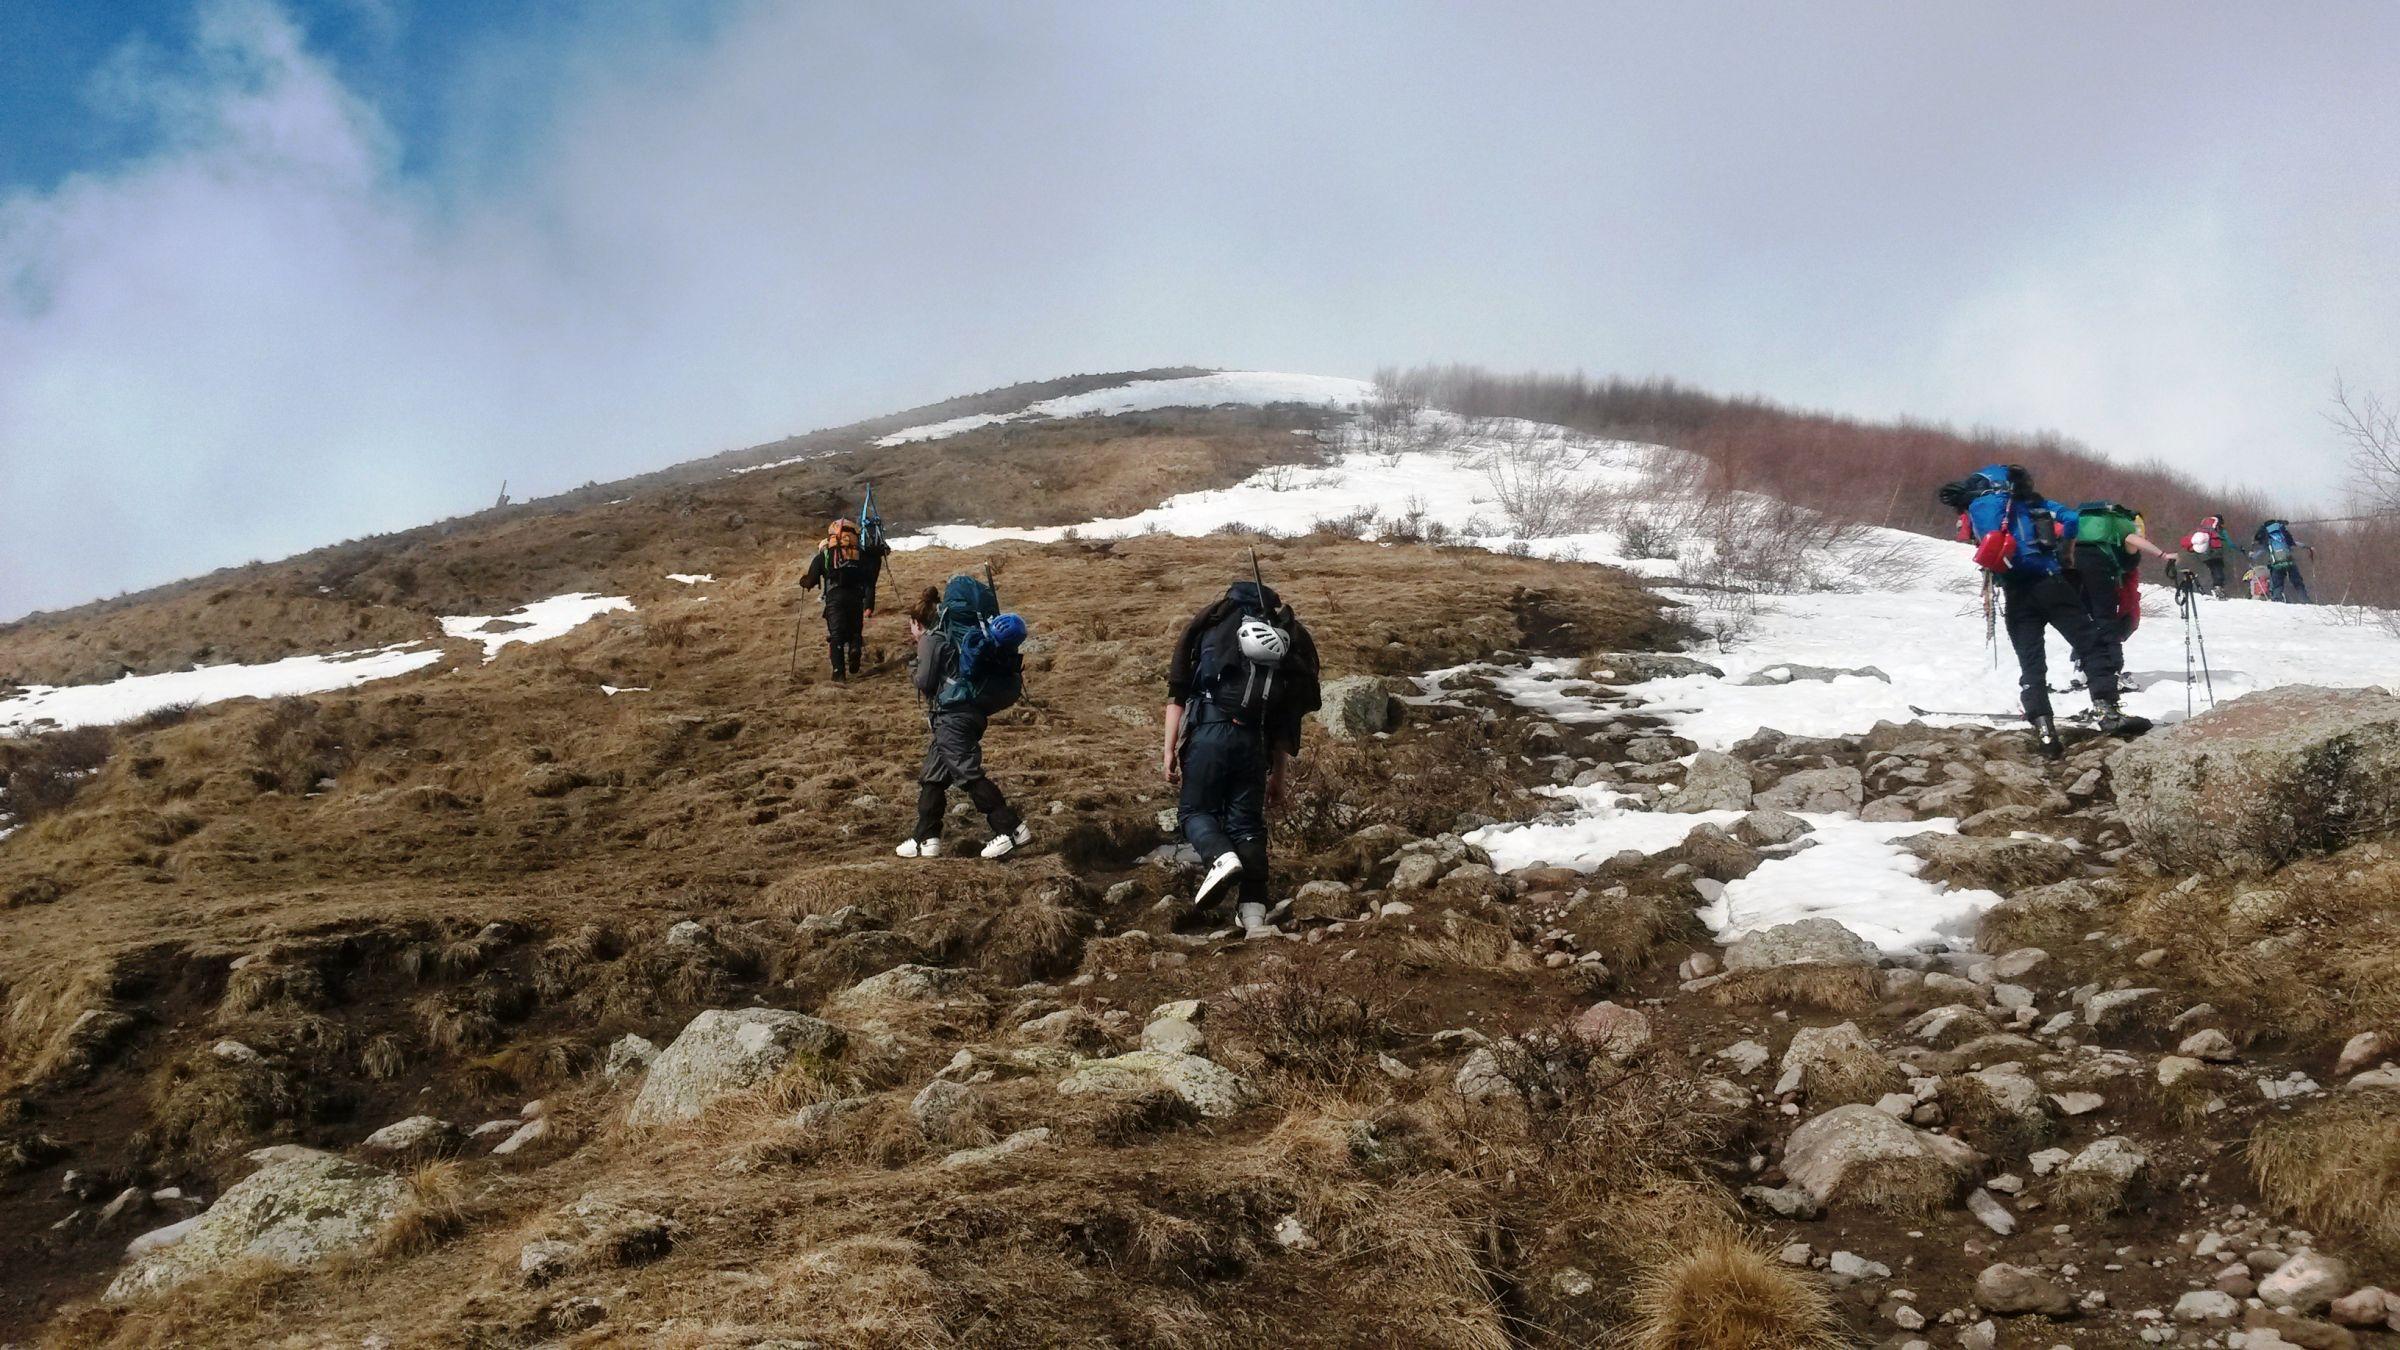 Ски-тур на Казбеке: заброска до снега